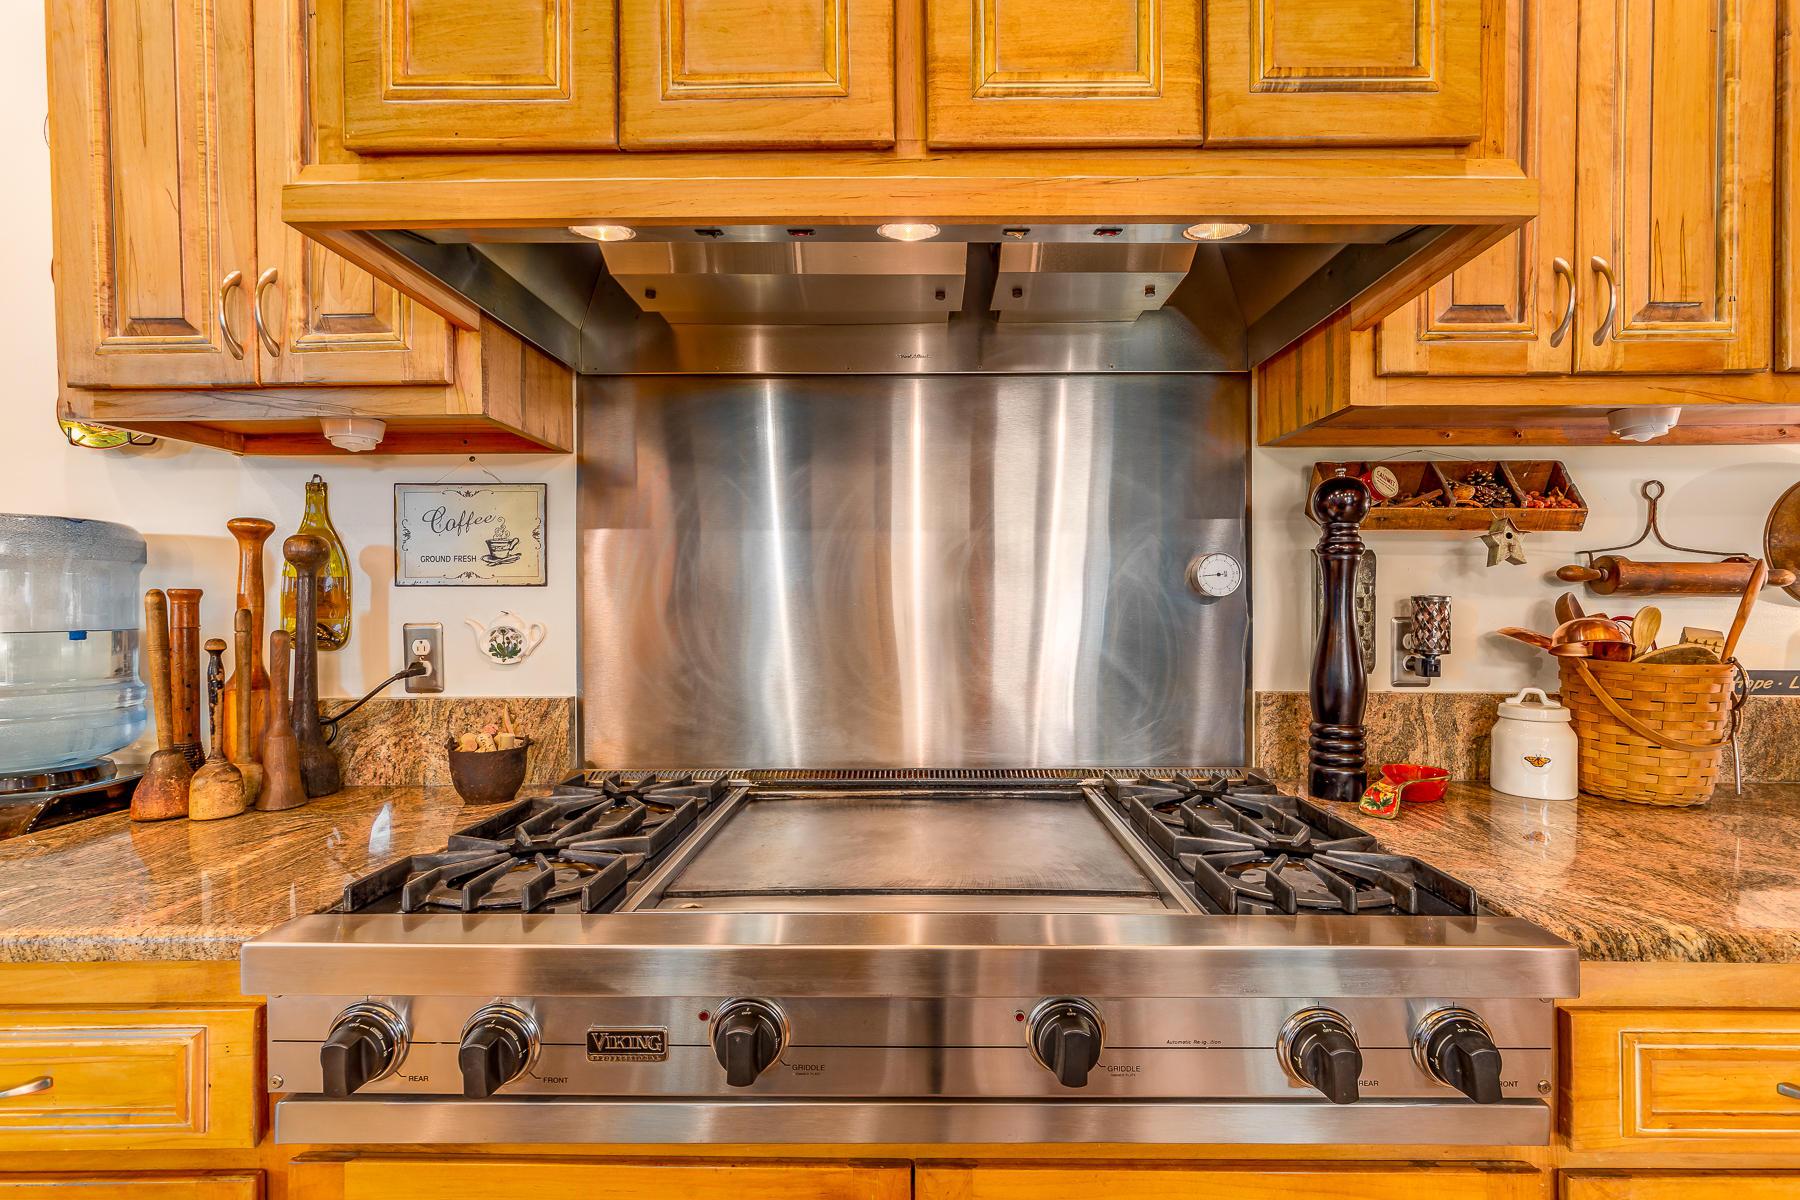 Chef's Kitchen/ Viking appliances